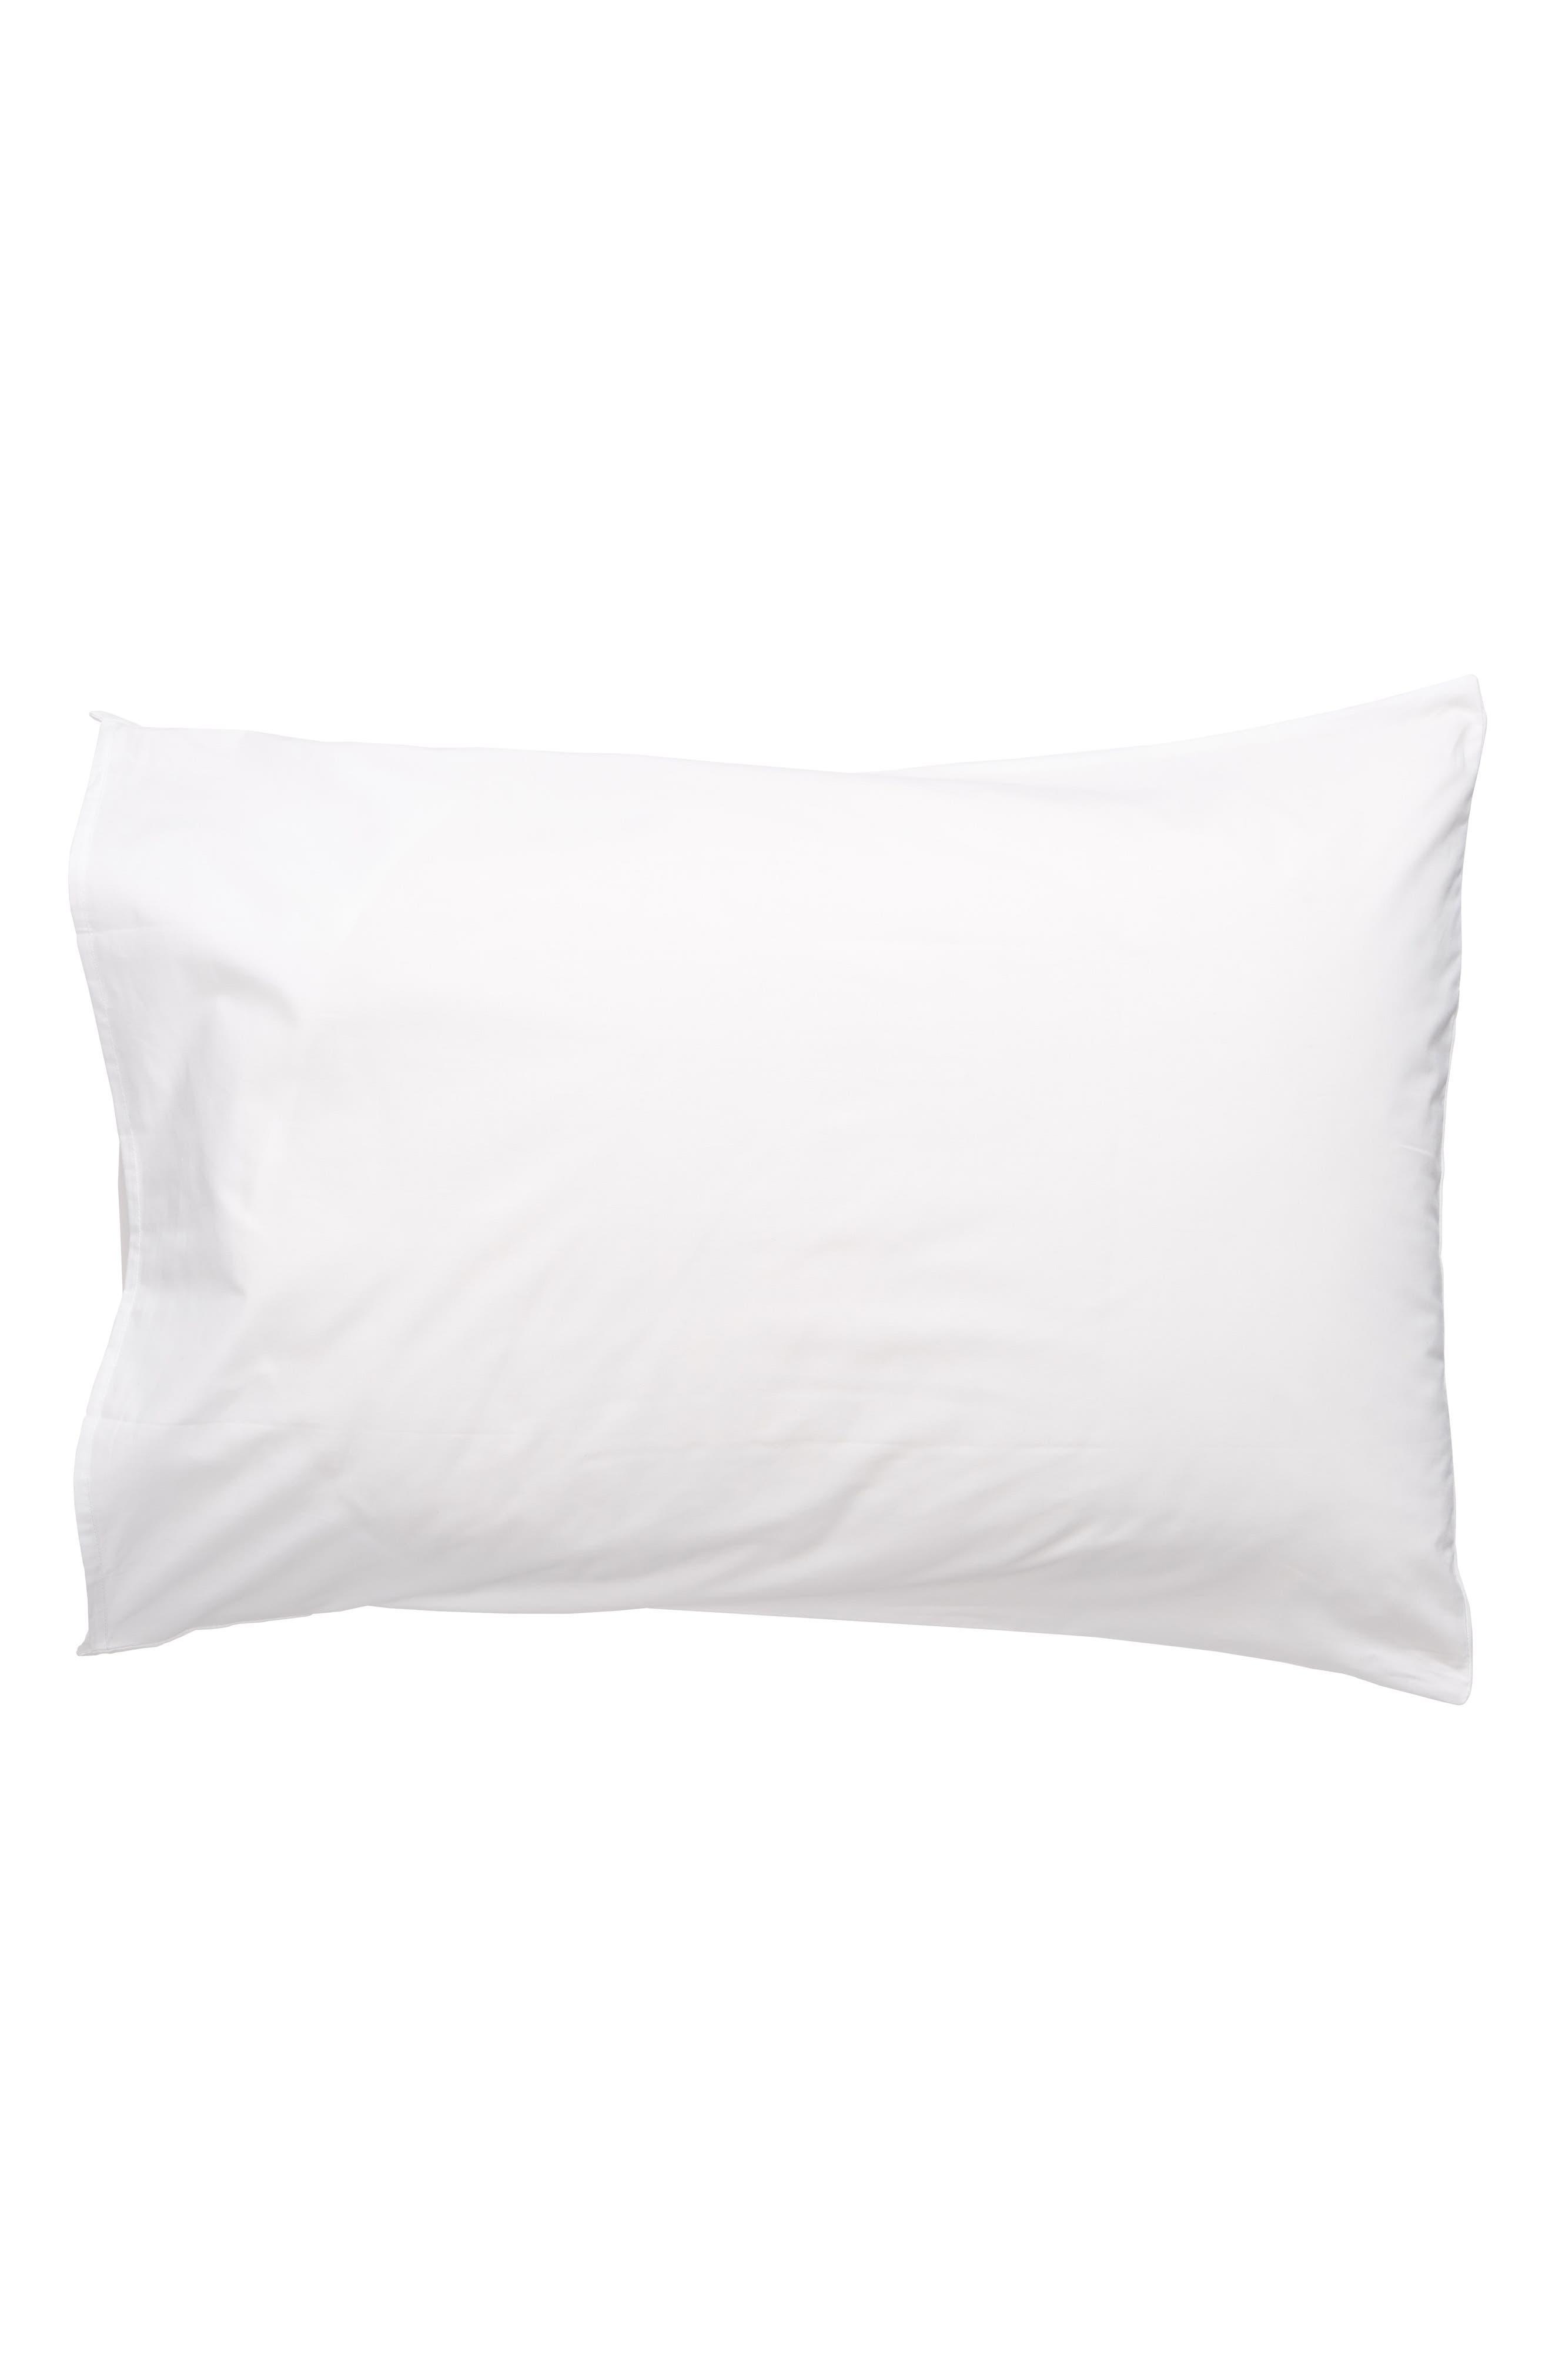 Home The Flag Pillow Sham,                             Alternate thumbnail 2, color,                             WHITE